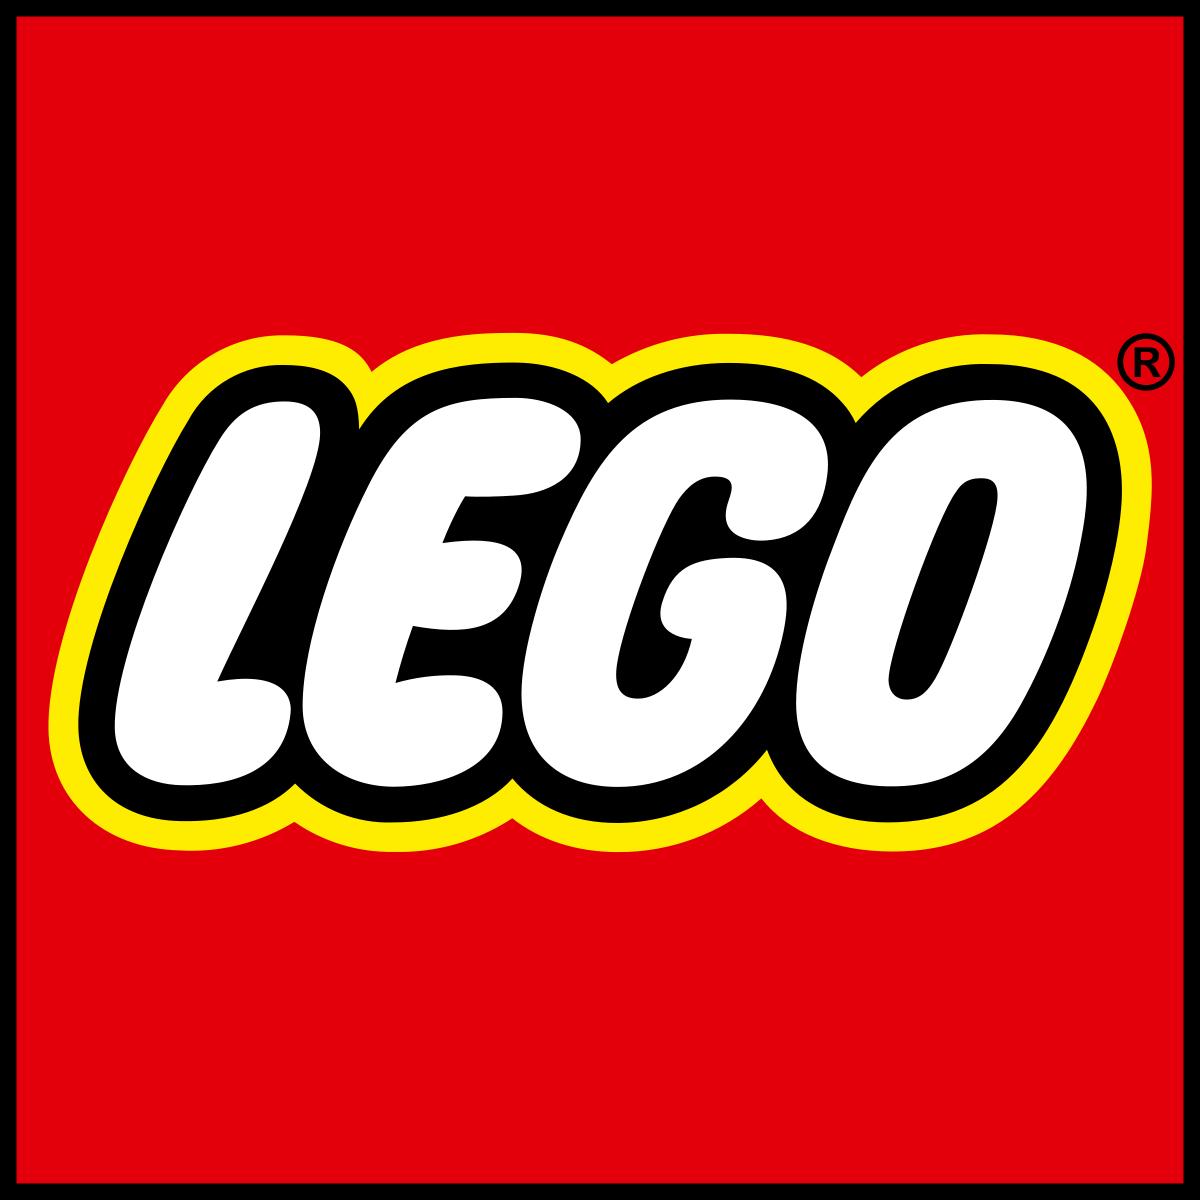 5 Modelos Legos con Bajadas de Precios en Amazon